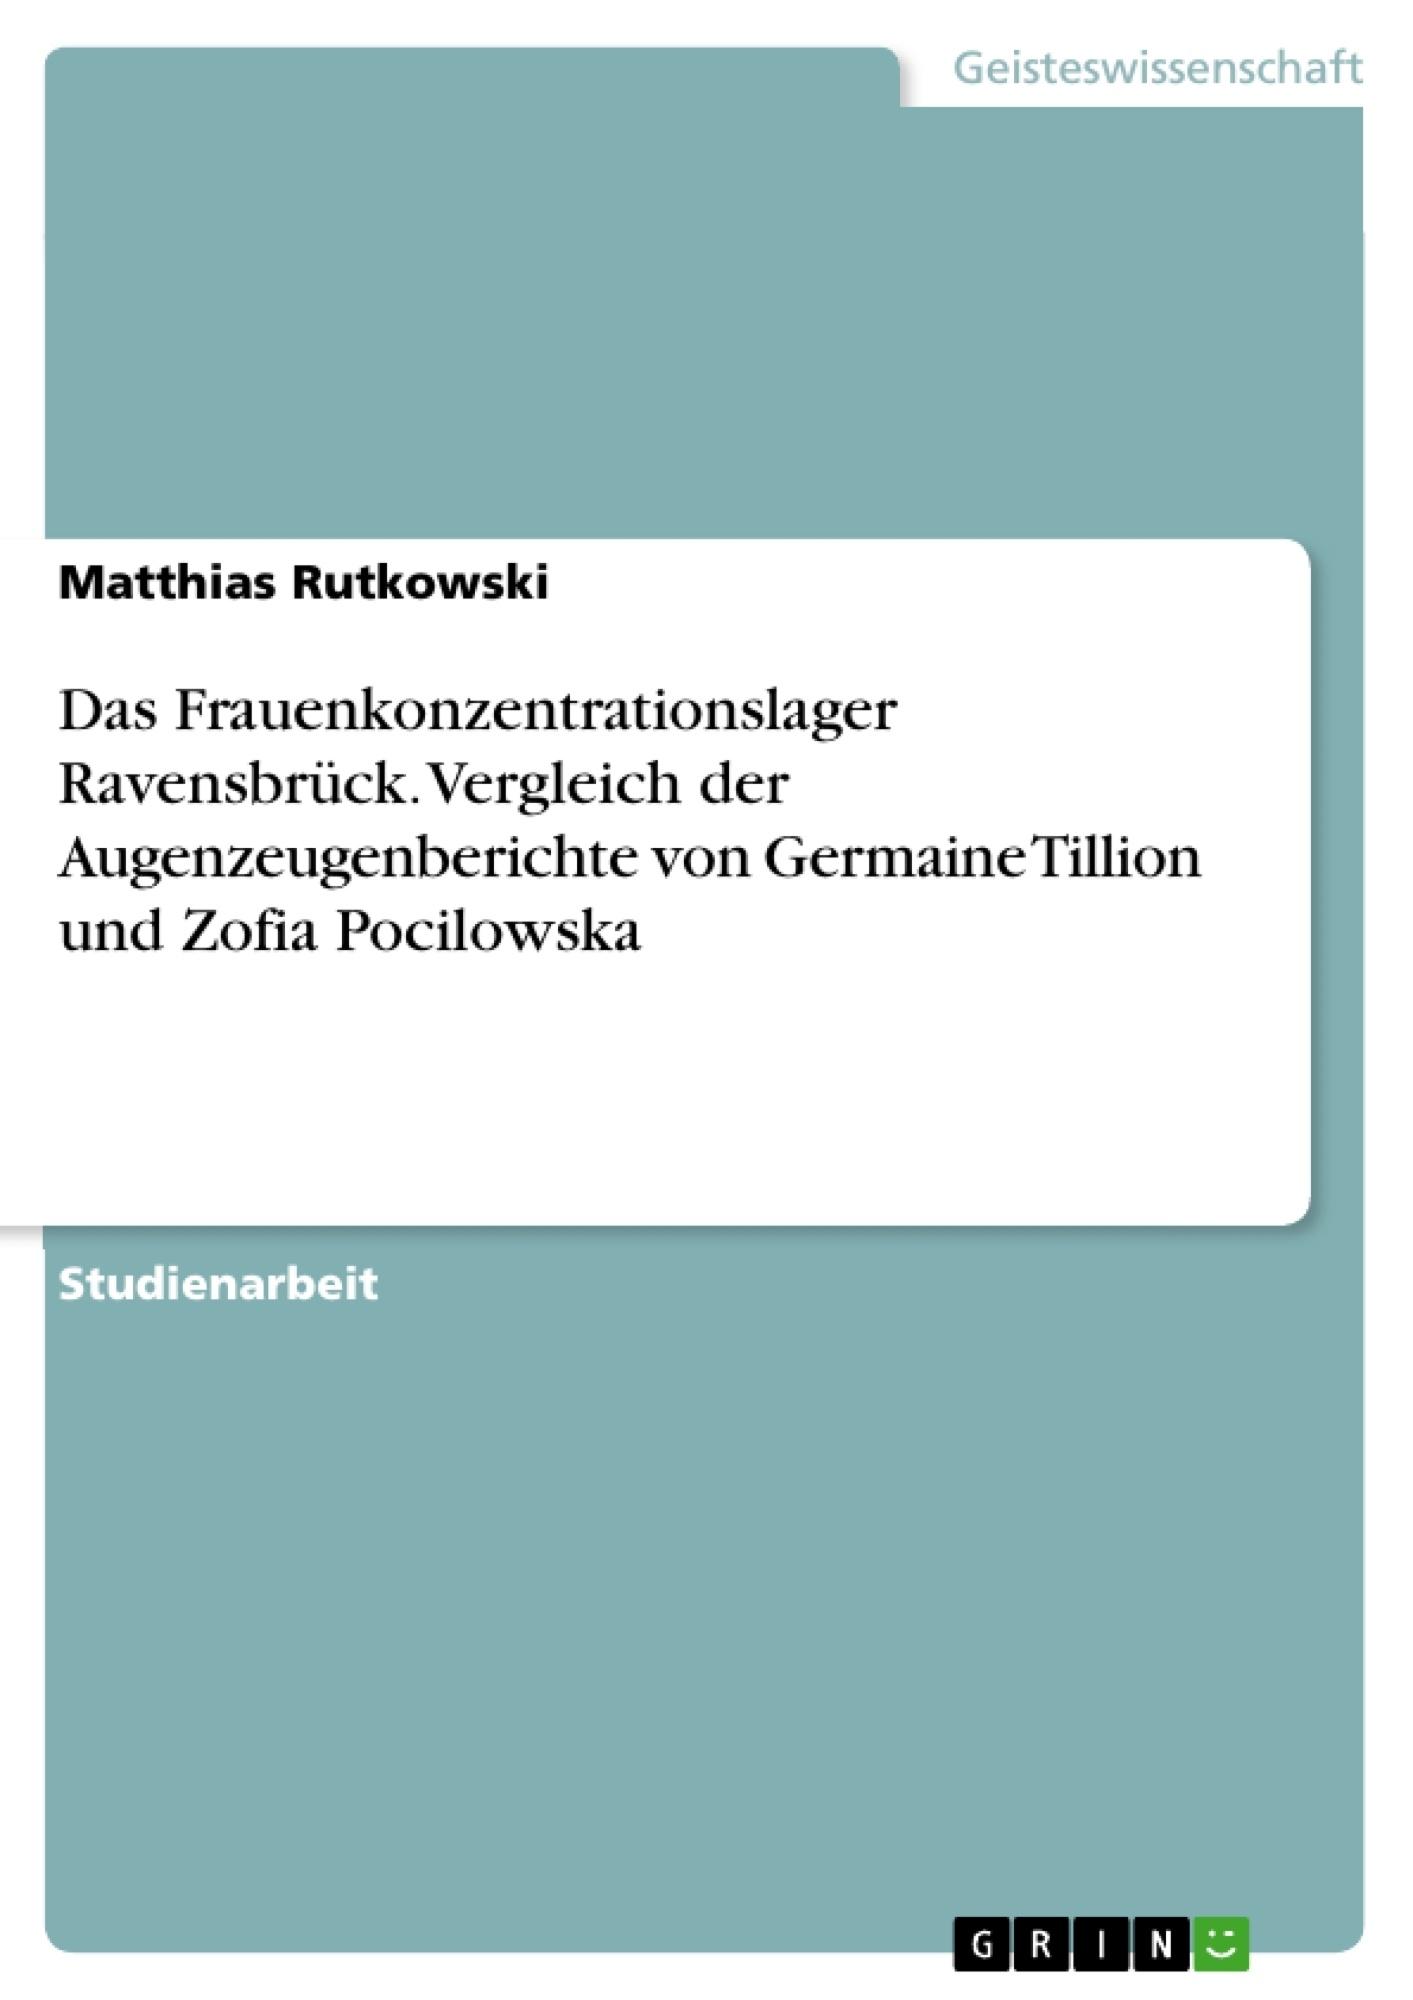 Titel: Das Frauenkonzentrationslager Ravensbrück. Vergleich der Augenzeugenberichte von Germaine Tillion und Zofia Pocilowska